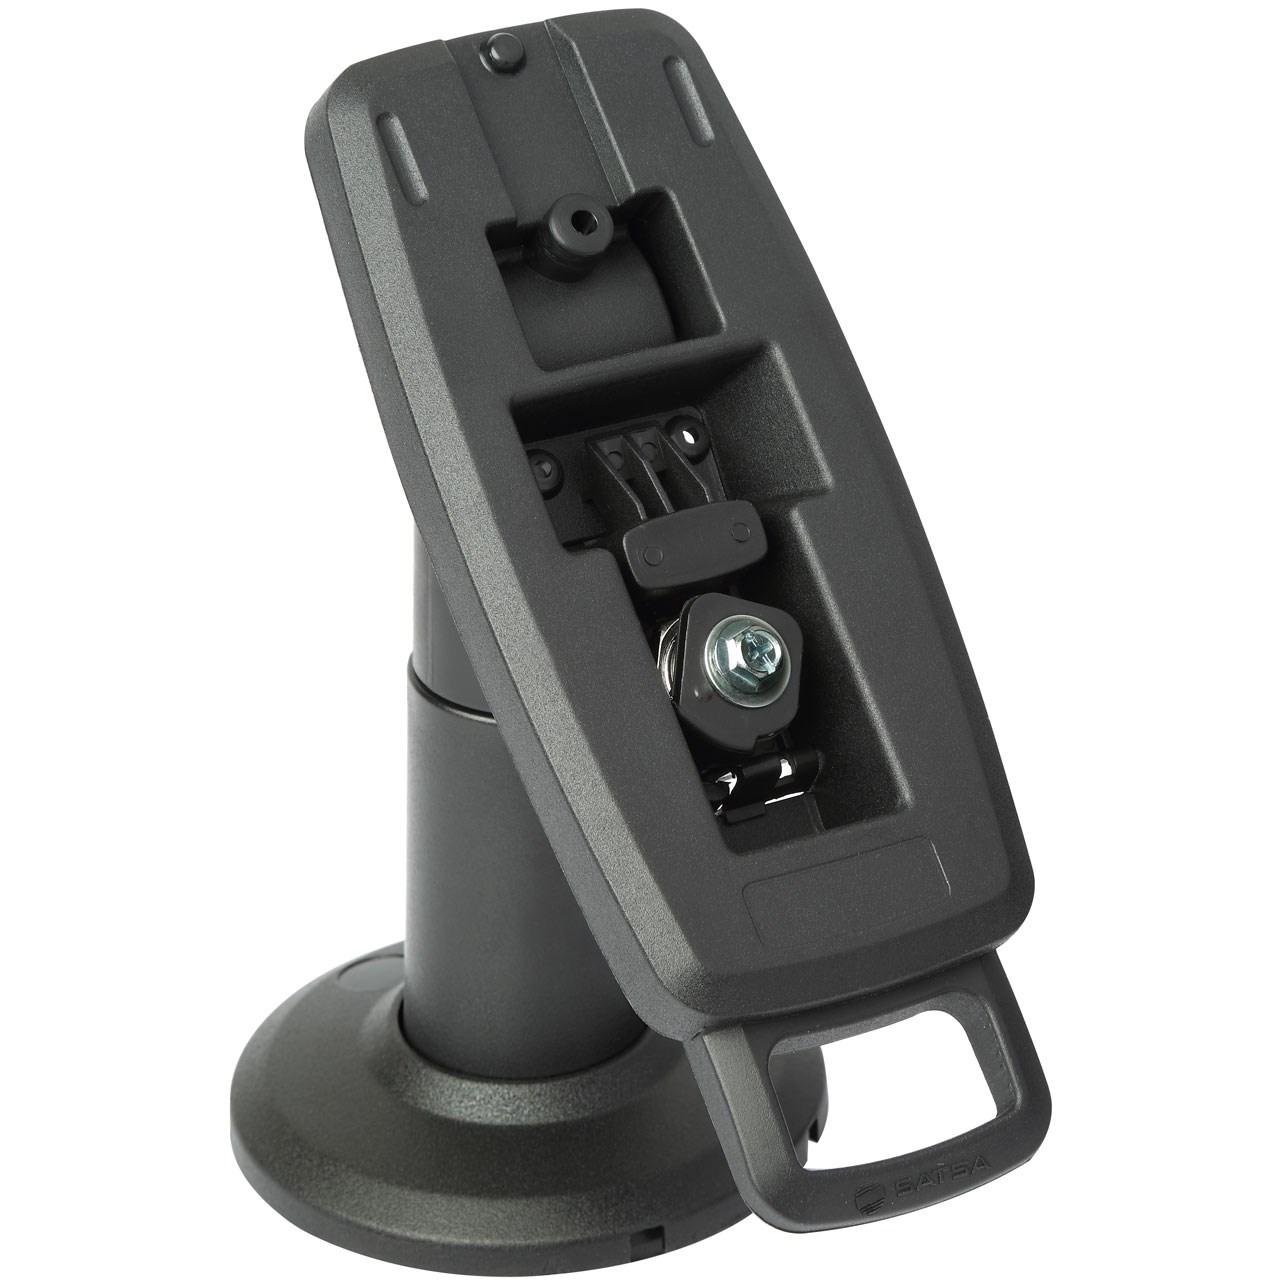 قیمت                      پایه نگهدارنده پوز بانکی ستسا مدل S200 مناسب دستگاه پوز SZZT